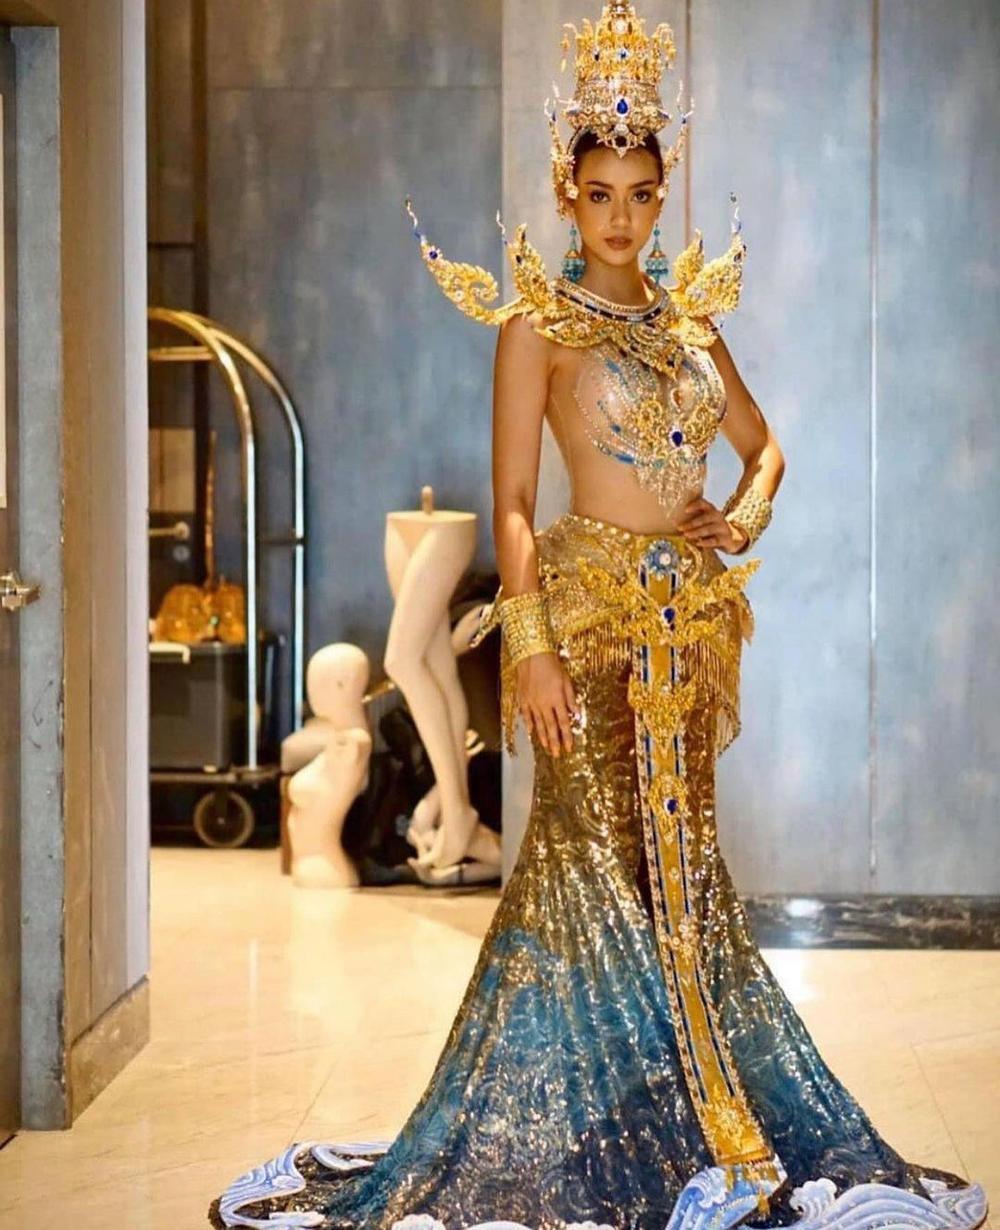 Hoa hậu Hoàn vũ Thái Lan gây tranh cãi khi mang trang phục dân tộc bầu ngực trần tới Miss Universe 2020 Ảnh 2